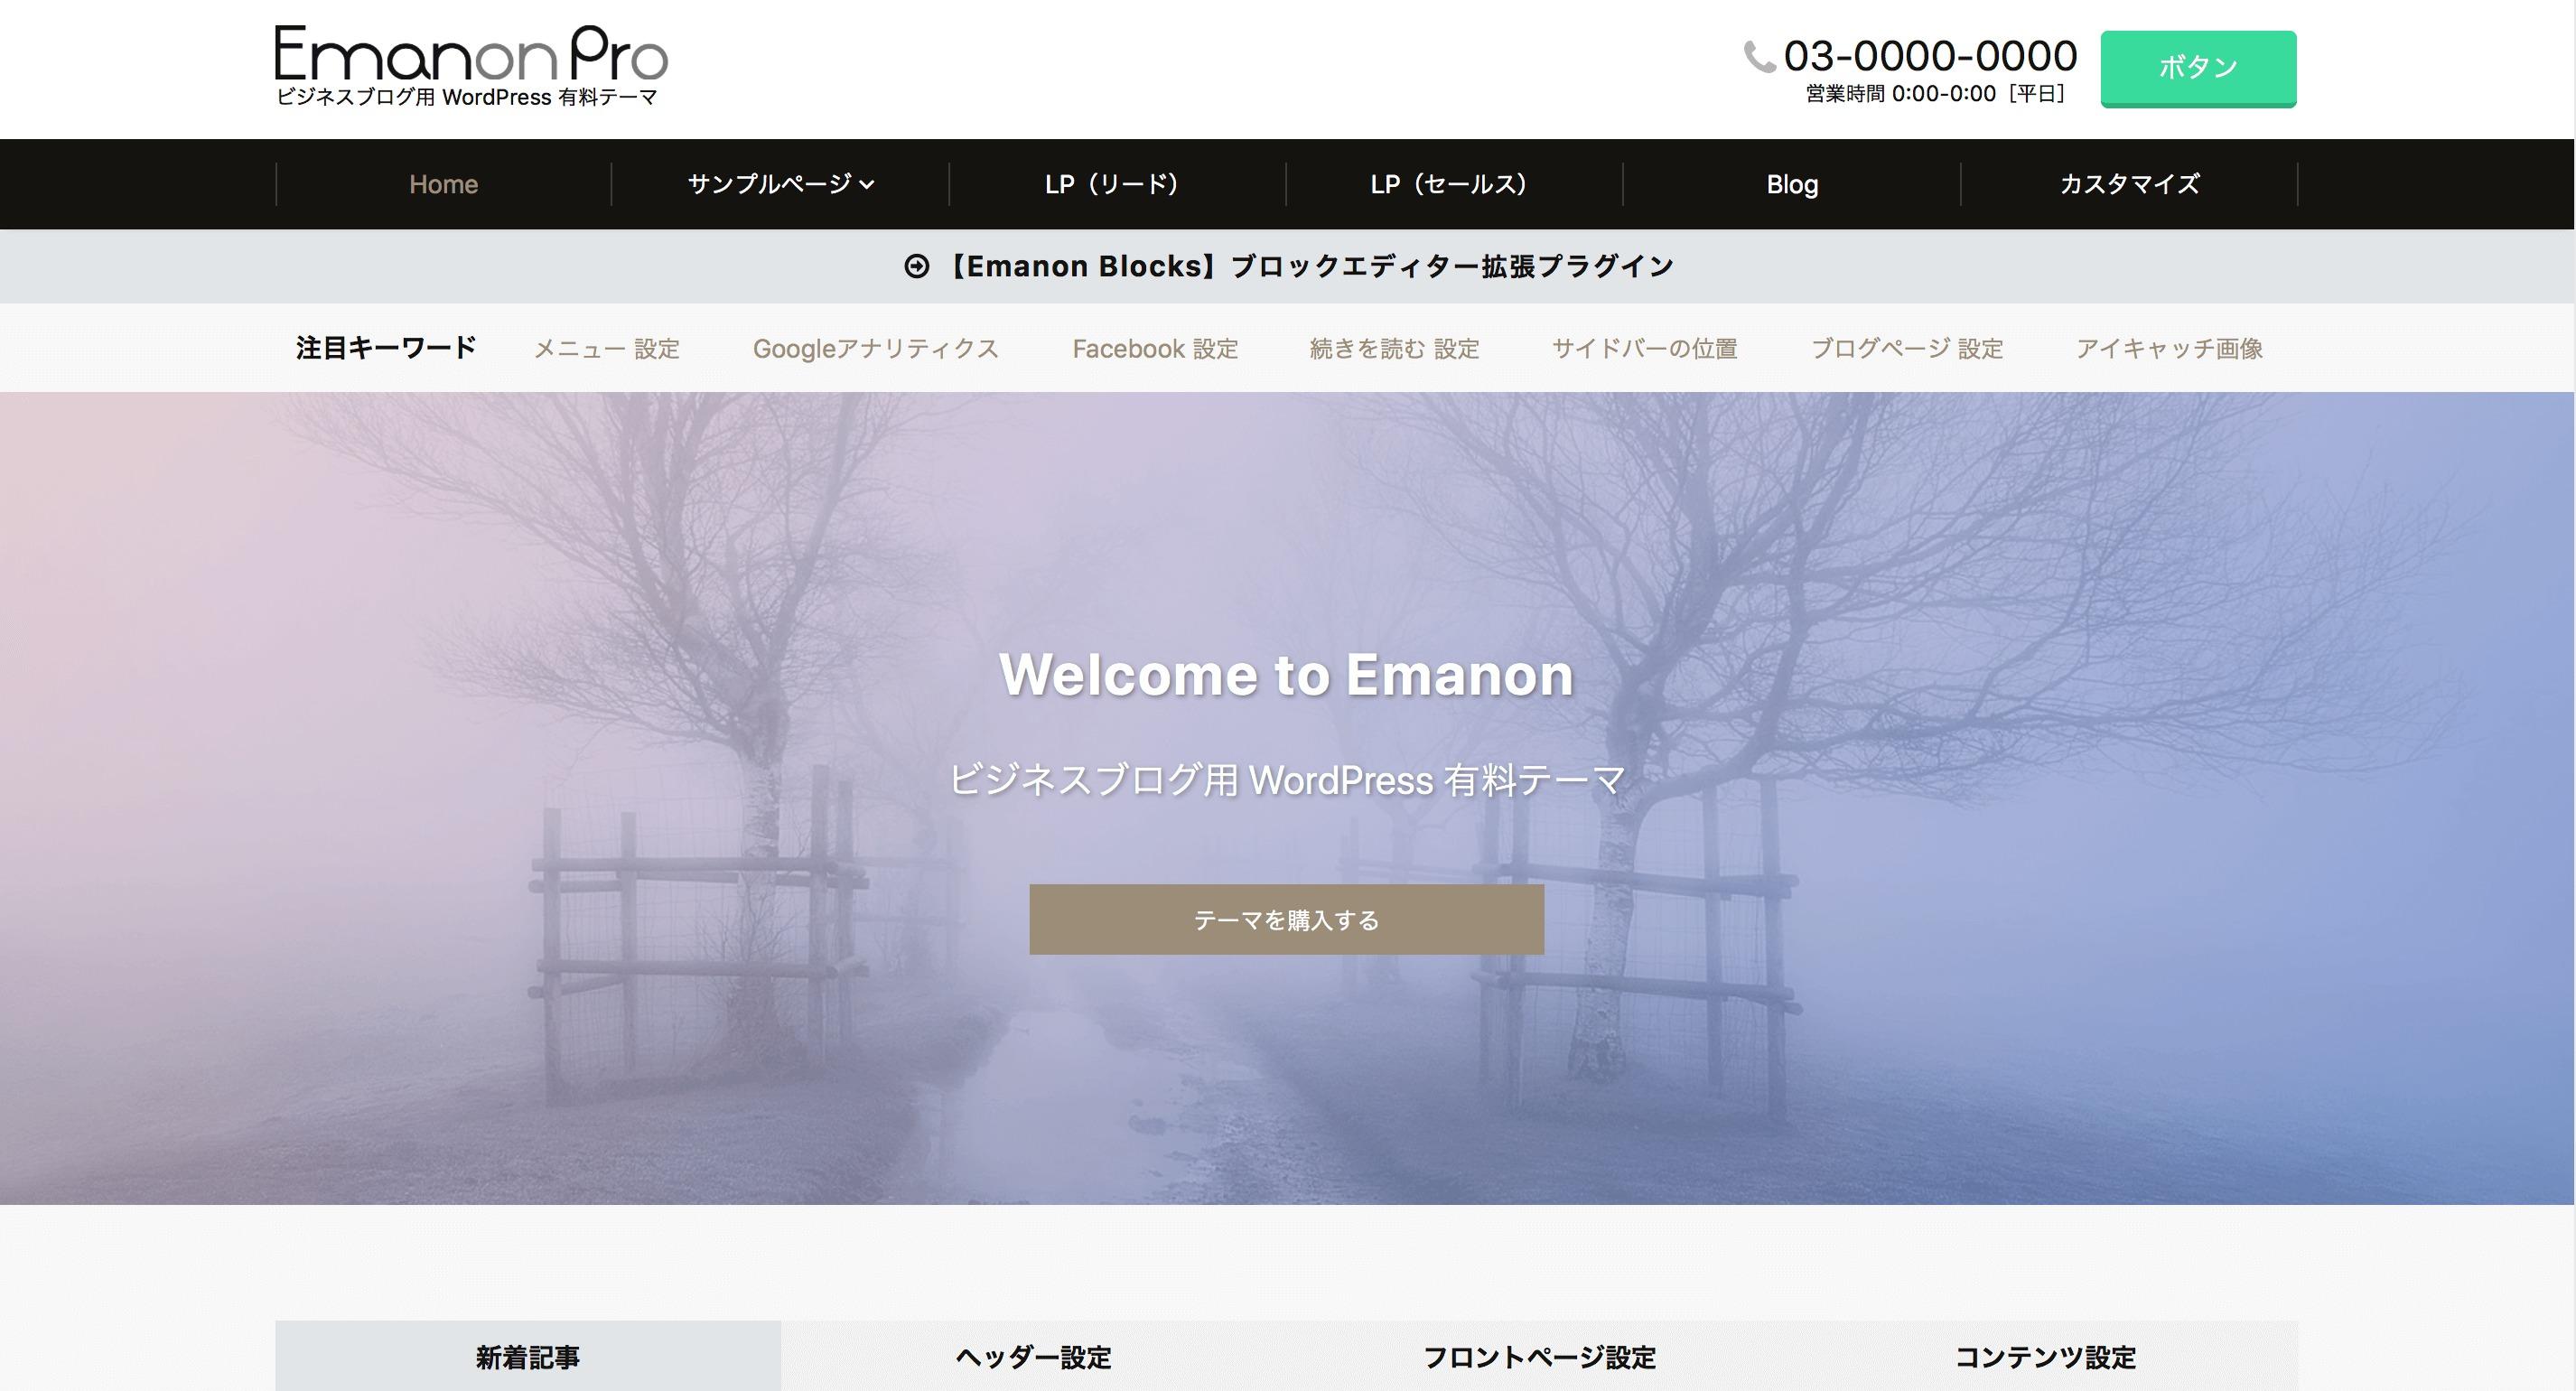 Emanon Pro(エマノンプロ)